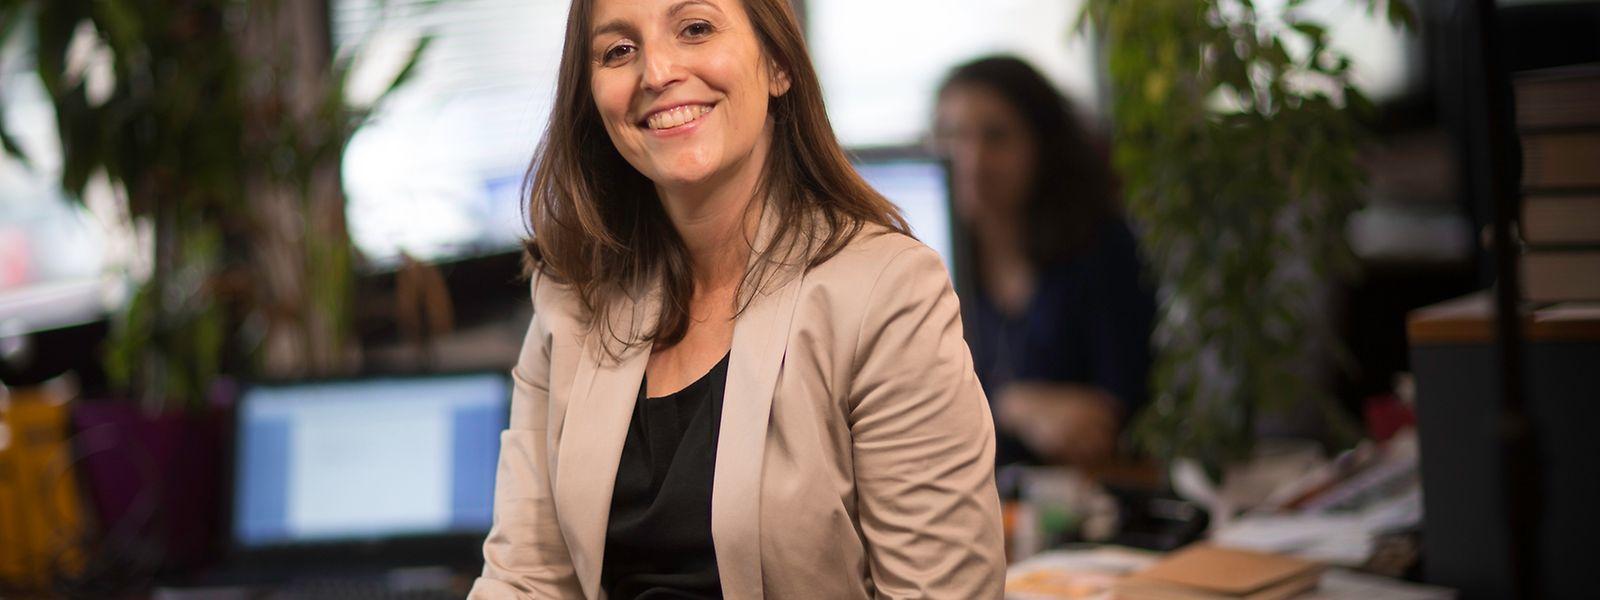 """Frischer Wind beim """"Télécran"""": Die studierte Politik- und Medienwissenschaftlerin Martine Hemmer steht seit neuestem am Redaktions-Ruder."""